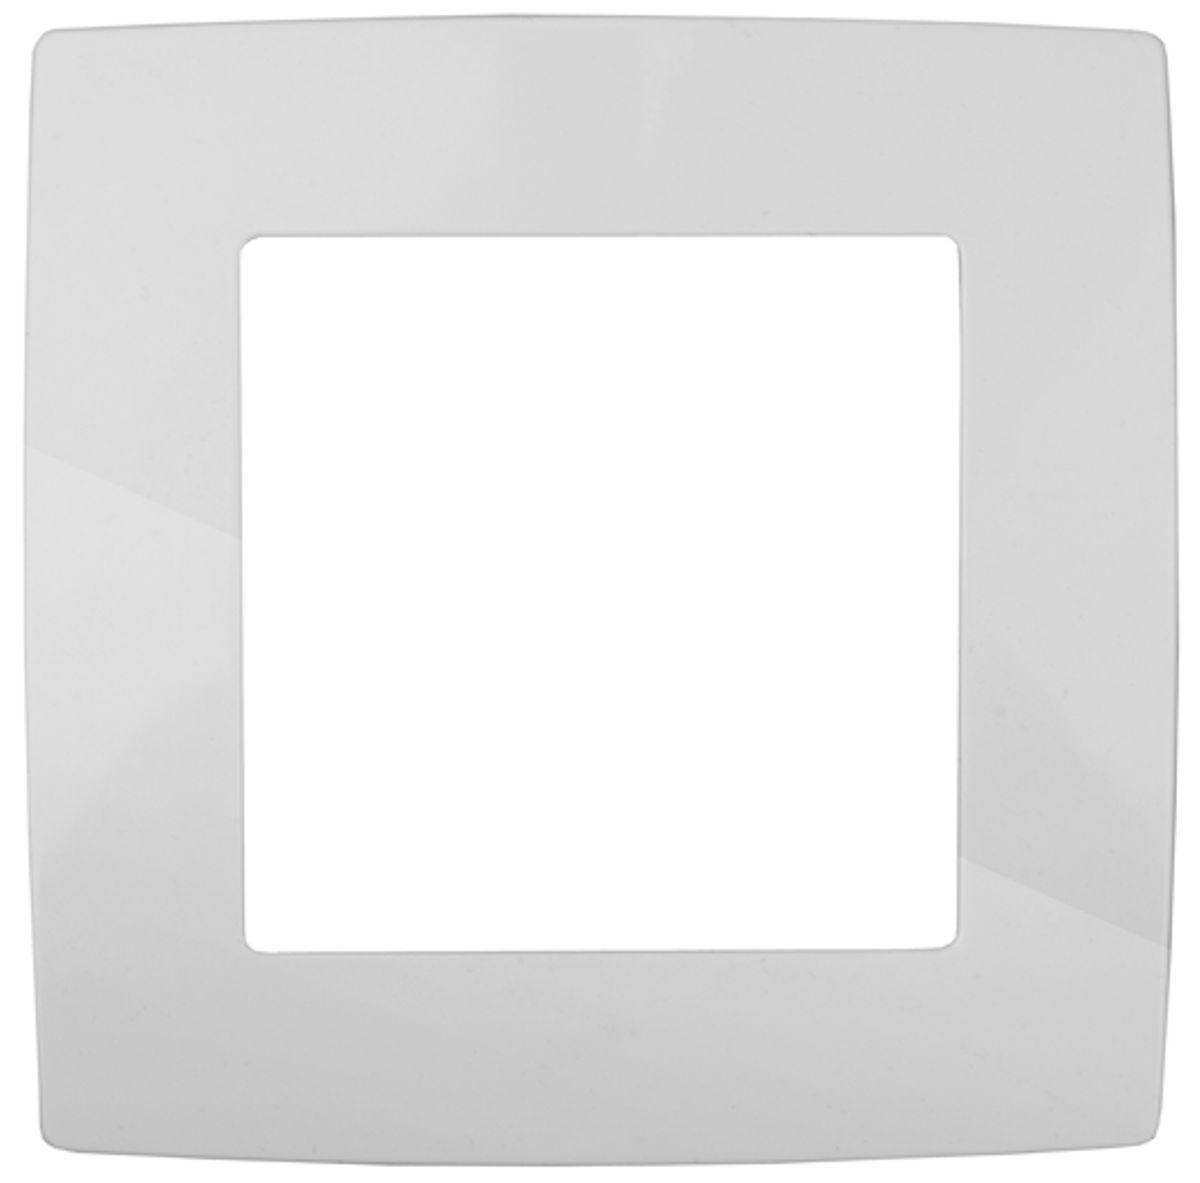 Рамка для встраиваемой розетки Эра, на 1 пост, цвет: белый12-5001-01Рамка Эра выполнена из пластика и используется для окантовки встраиваемой розетки. Рамка отвечает основным требованиям безопасности и удобства монтажа. Современный дизайн и элегантная цветовая гамма подойдут к любому интерьеру. Размер рамки: 8 х 8 х 1 см.